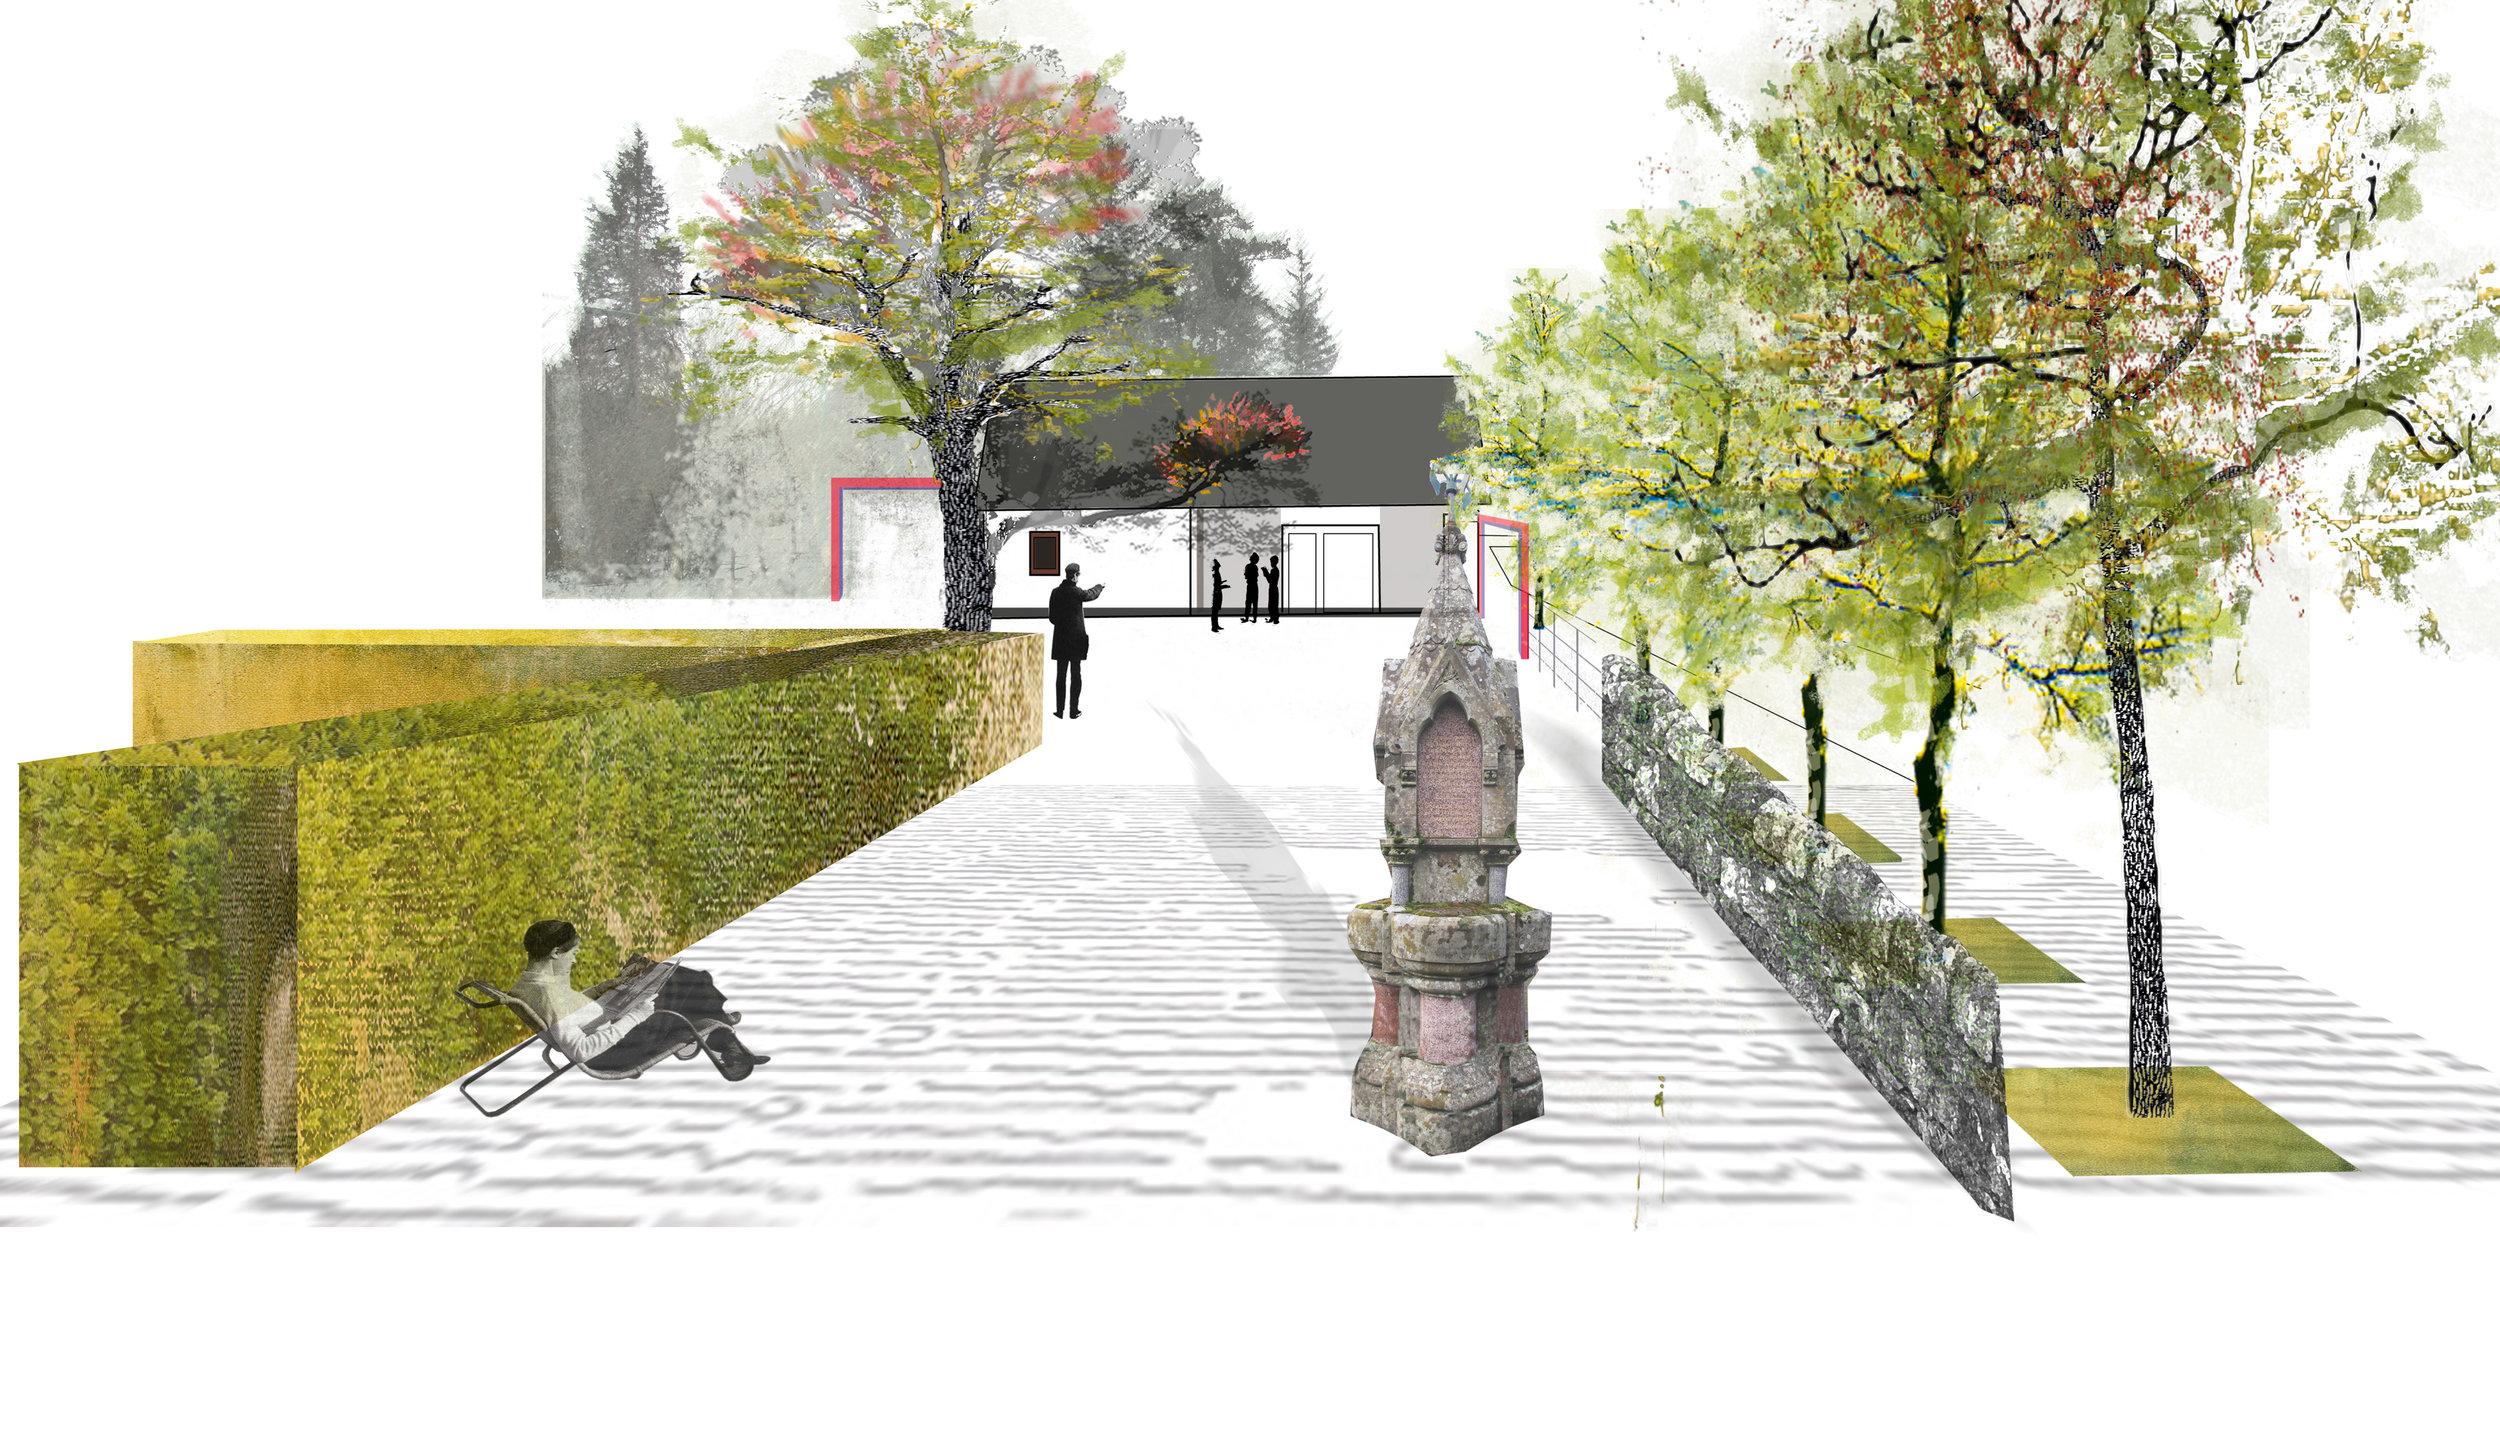 victoria gardens montage 19.05b.jpg